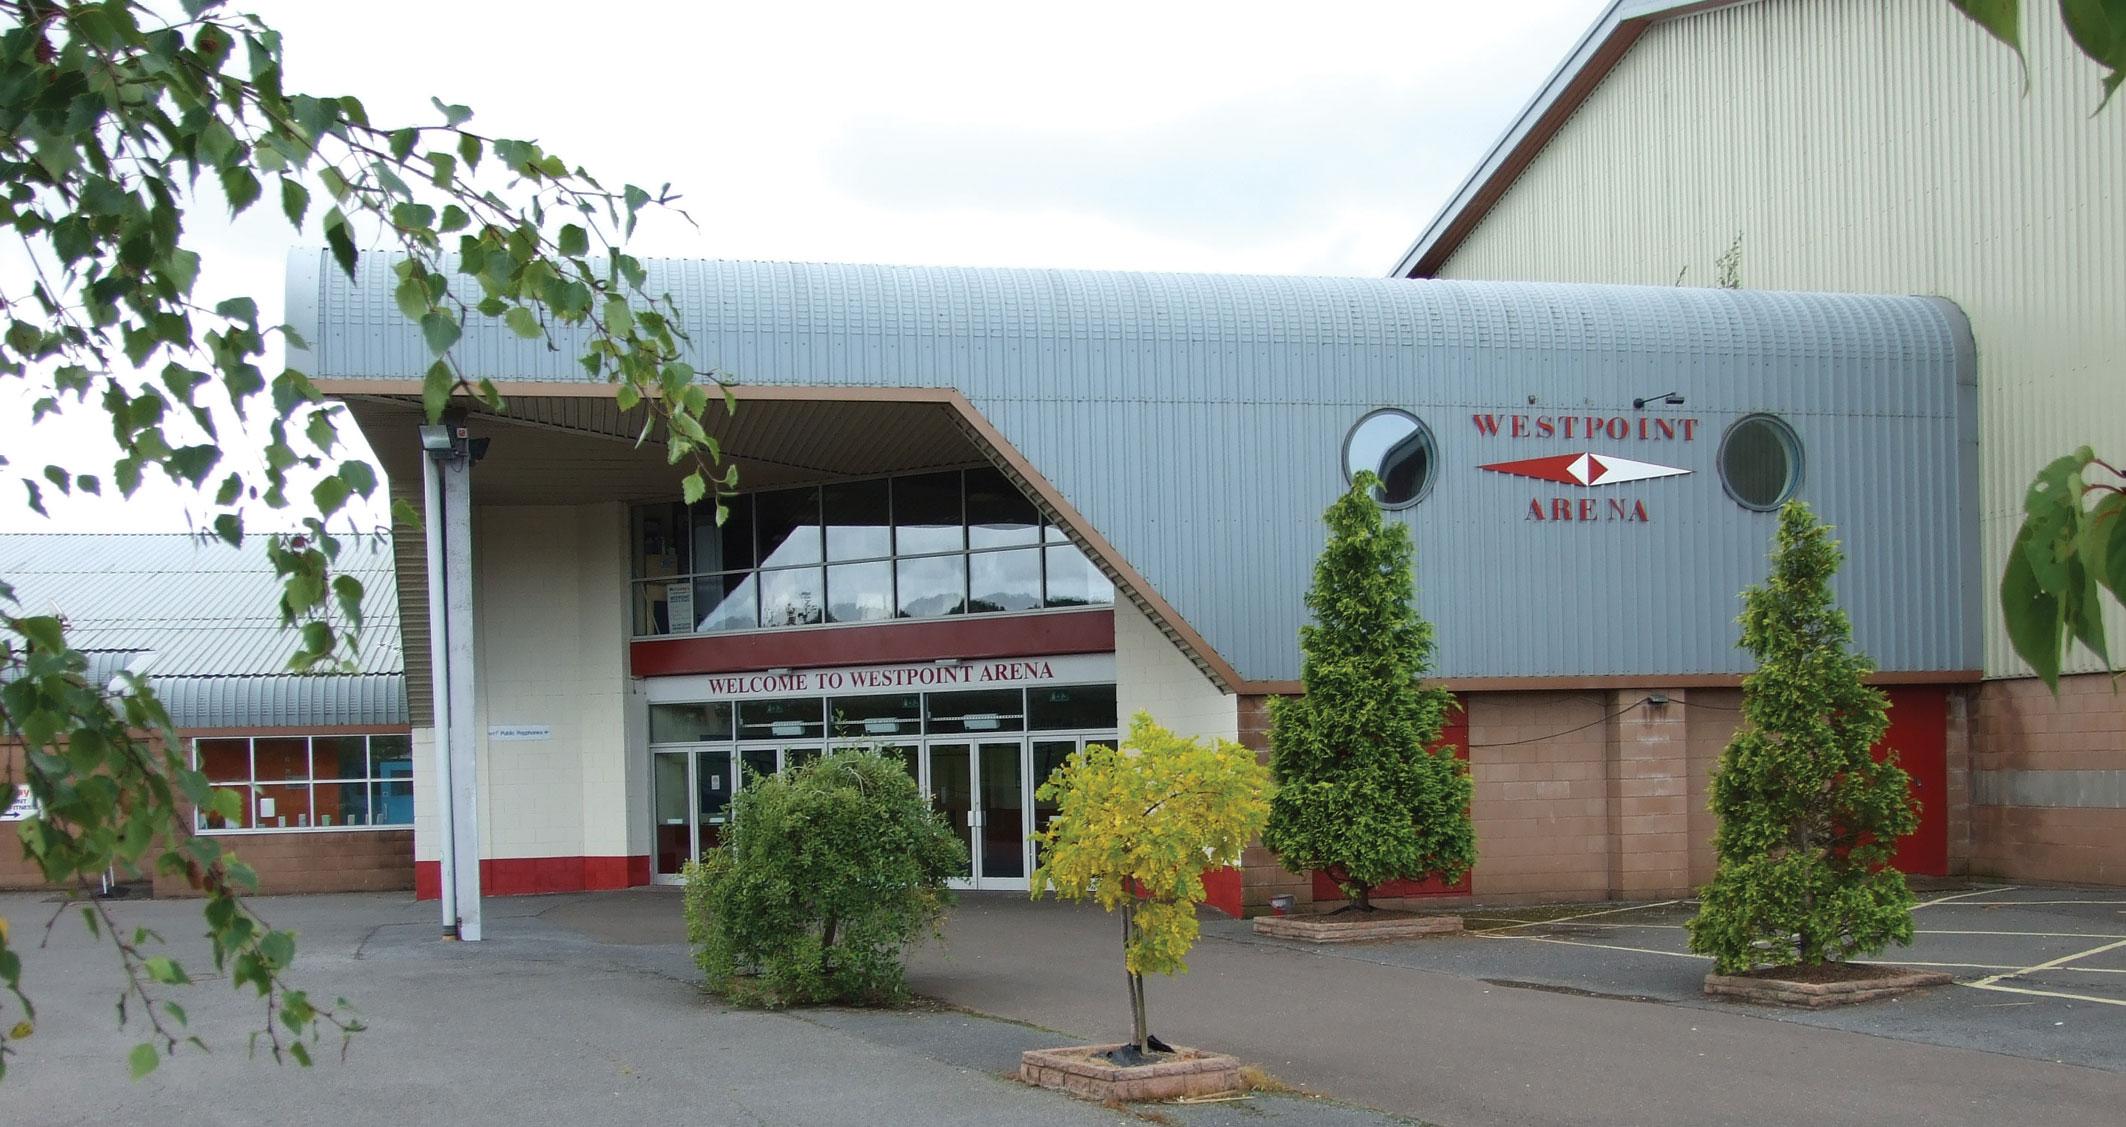 Westpoint Arena